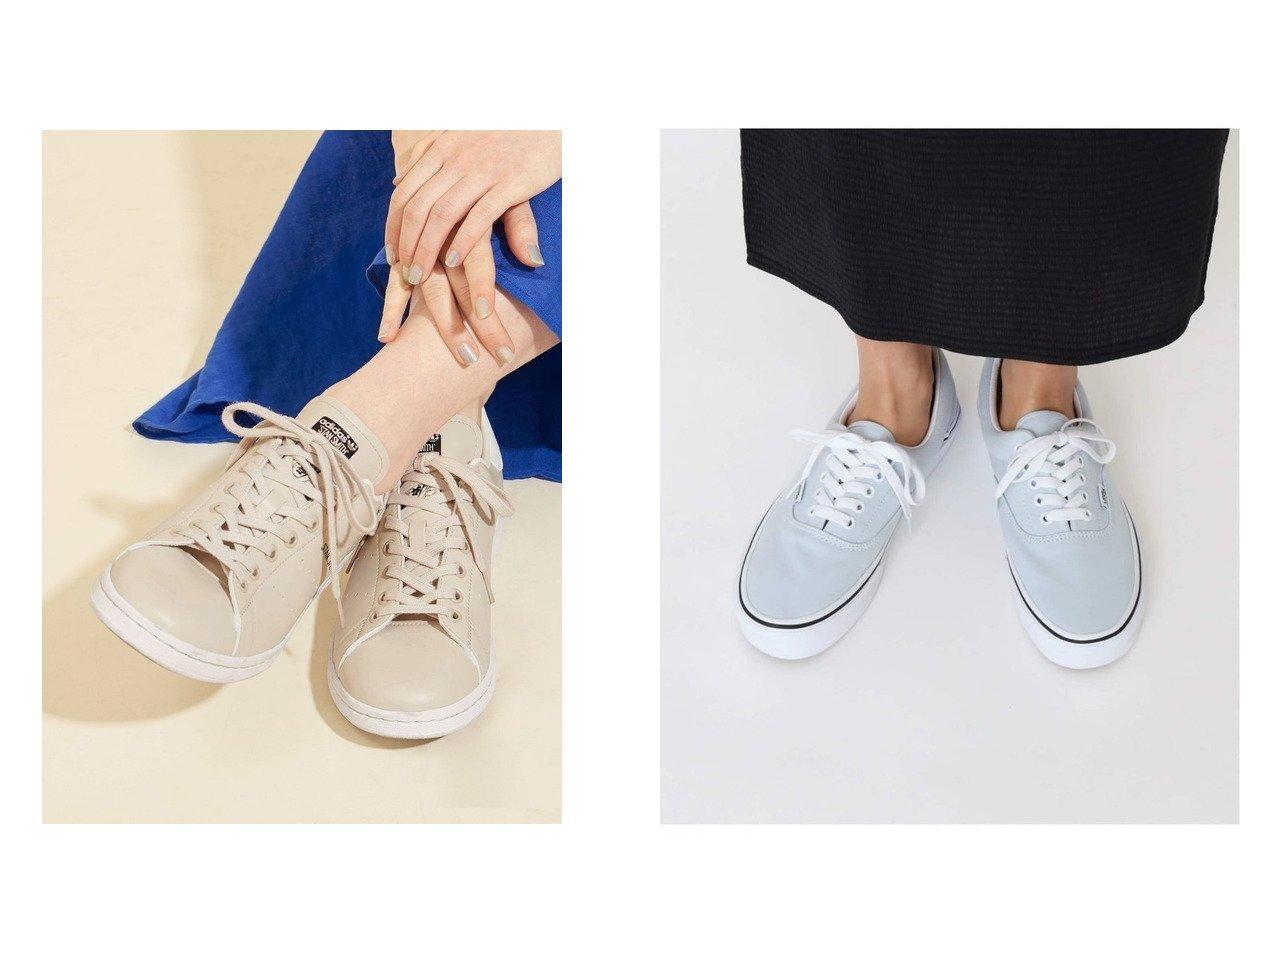 【U by Spick&Span/ユーバイ スピック&スパン】の【バンズ】 ERA&【BEAUTY&YOUTH / UNITED ARROWS/ビューティ&ユース ユナイテッドアローズ】の【別注】 adidas Originals(アディダス) STAN SMITH スタンスミス/スニーカー 【シューズ・靴】おすすめ!人気、トレンド・レディースファッションの通販 おすすめで人気の流行・トレンド、ファッションの通販商品 メンズファッション・キッズファッション・インテリア・家具・レディースファッション・服の通販 founy(ファニー) https://founy.com/ ファッション Fashion レディースファッション WOMEN アメリカン キャンバス クラシック シューズ シンプル スニーカー スリッポン 定番 Standard 人気 2021年 2021 S/S・春夏 SS・Spring/Summer 2021春夏・S/S SS/Spring/Summer/2021 春 Spring クール トレンド 別注 モノトーン レース |ID:crp329100000038585